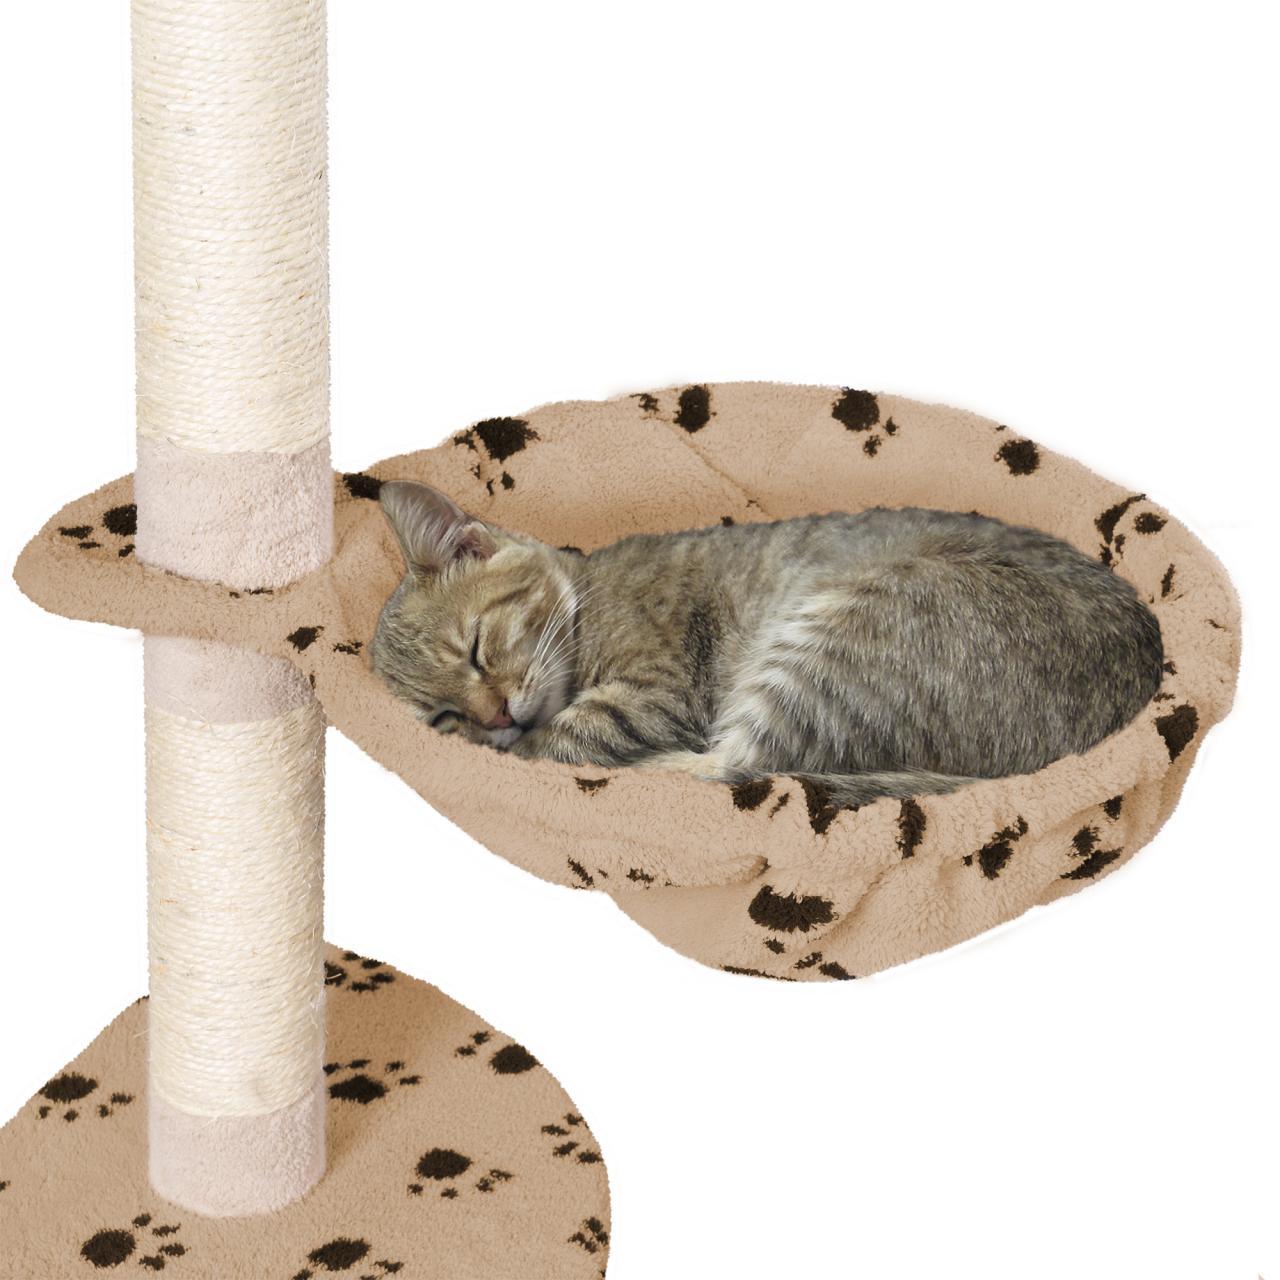 liegemulde f r kratzbaum schlafplatz liegeplatz schlafmulde katzen 40 cm ebay. Black Bedroom Furniture Sets. Home Design Ideas